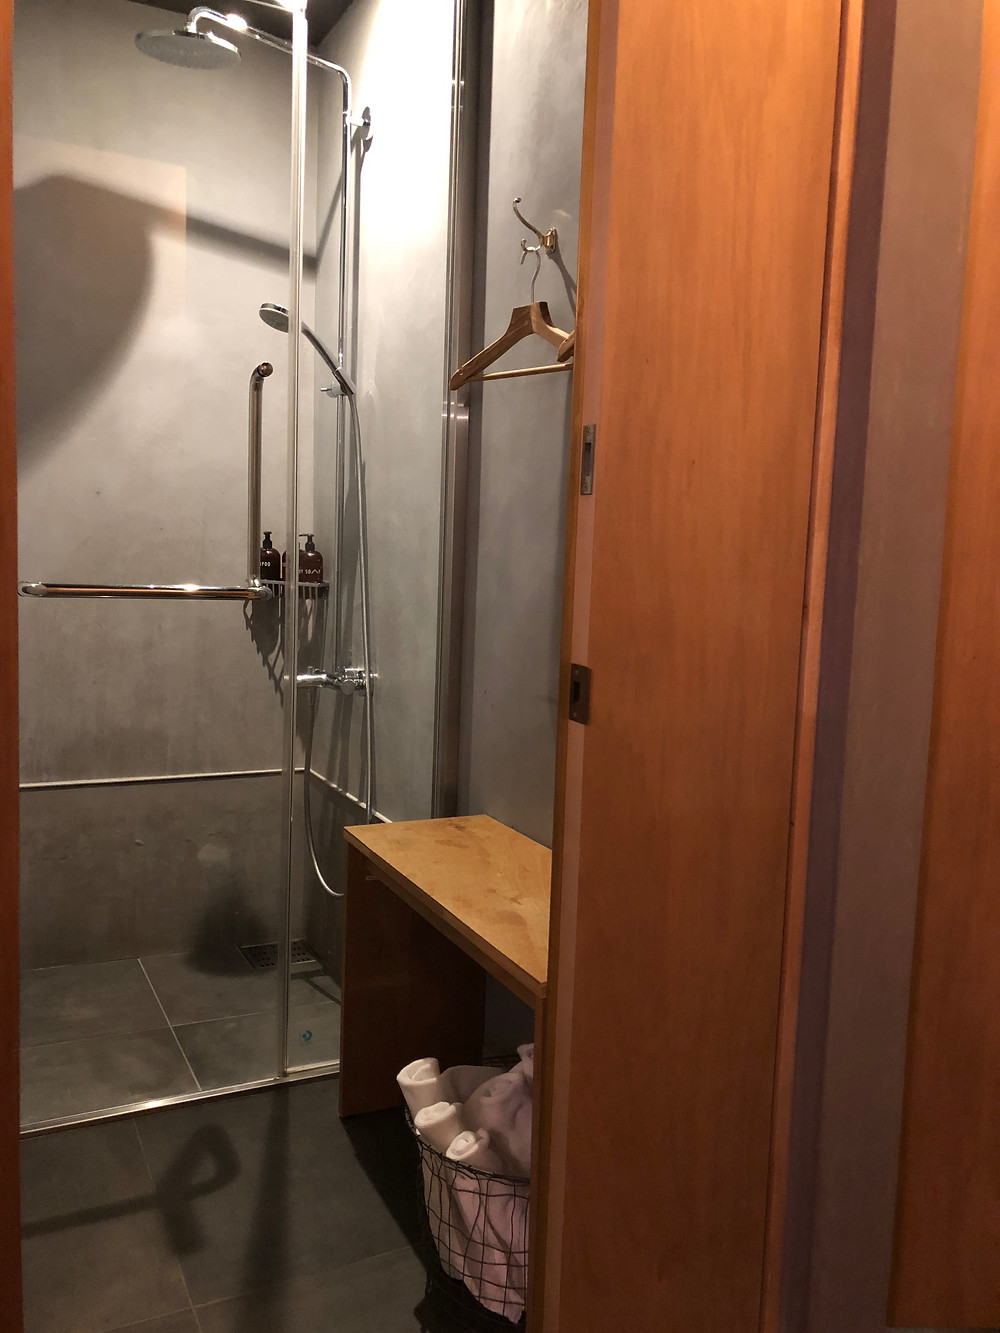 シェアホテルのシャワーブース。金沢にて。インテリアコーディネーターのブログ。